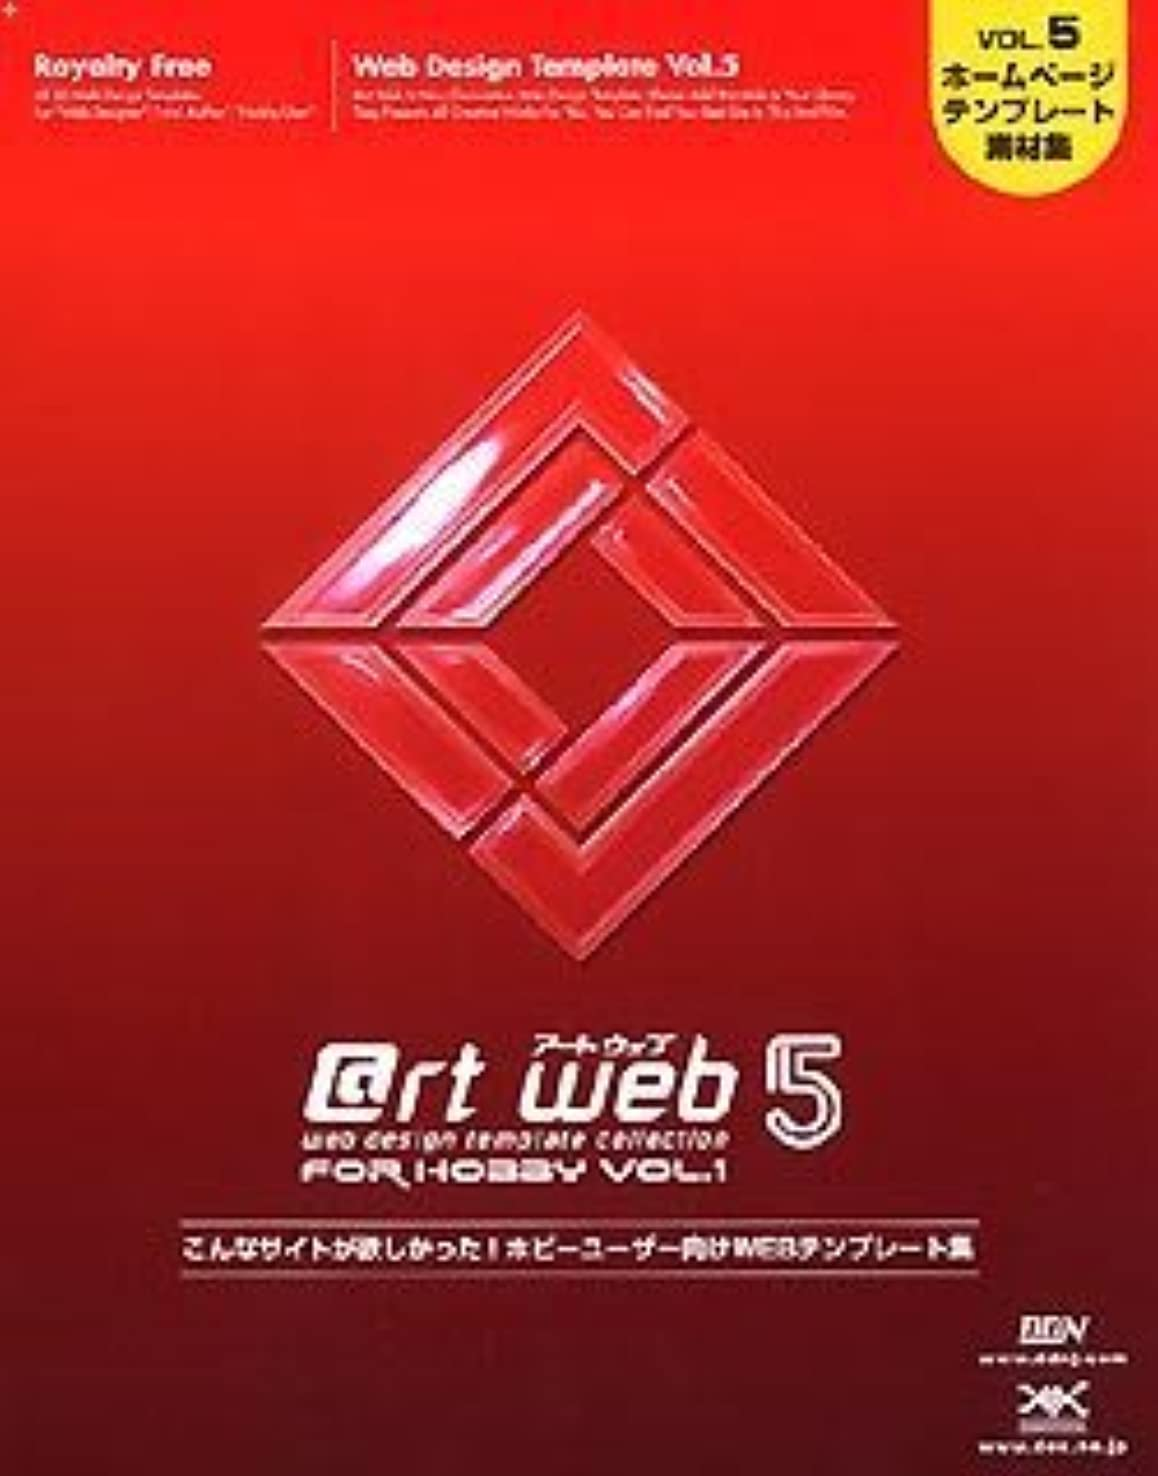 間オーナーチャールズキージング@rt web 5 for Hobby VOL.1 リニューアル版